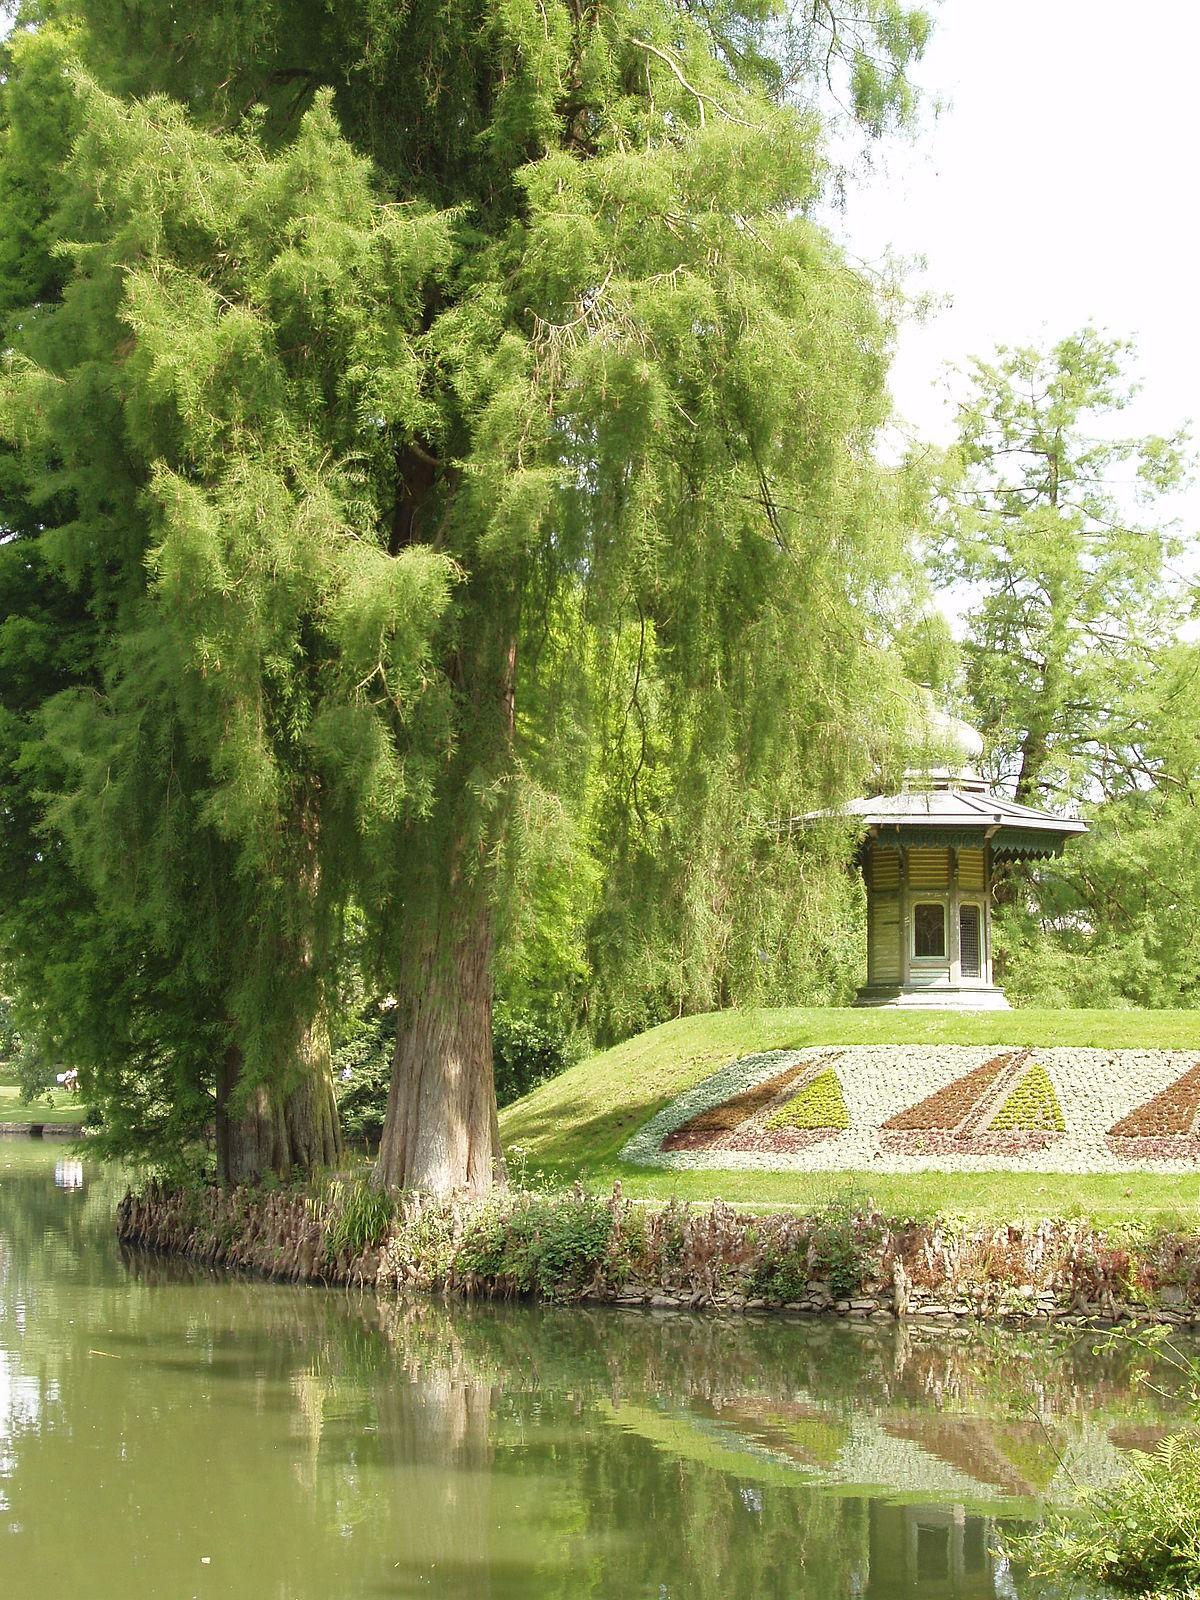 Jardin du parc wikip dia for Jardin l encyclopedie